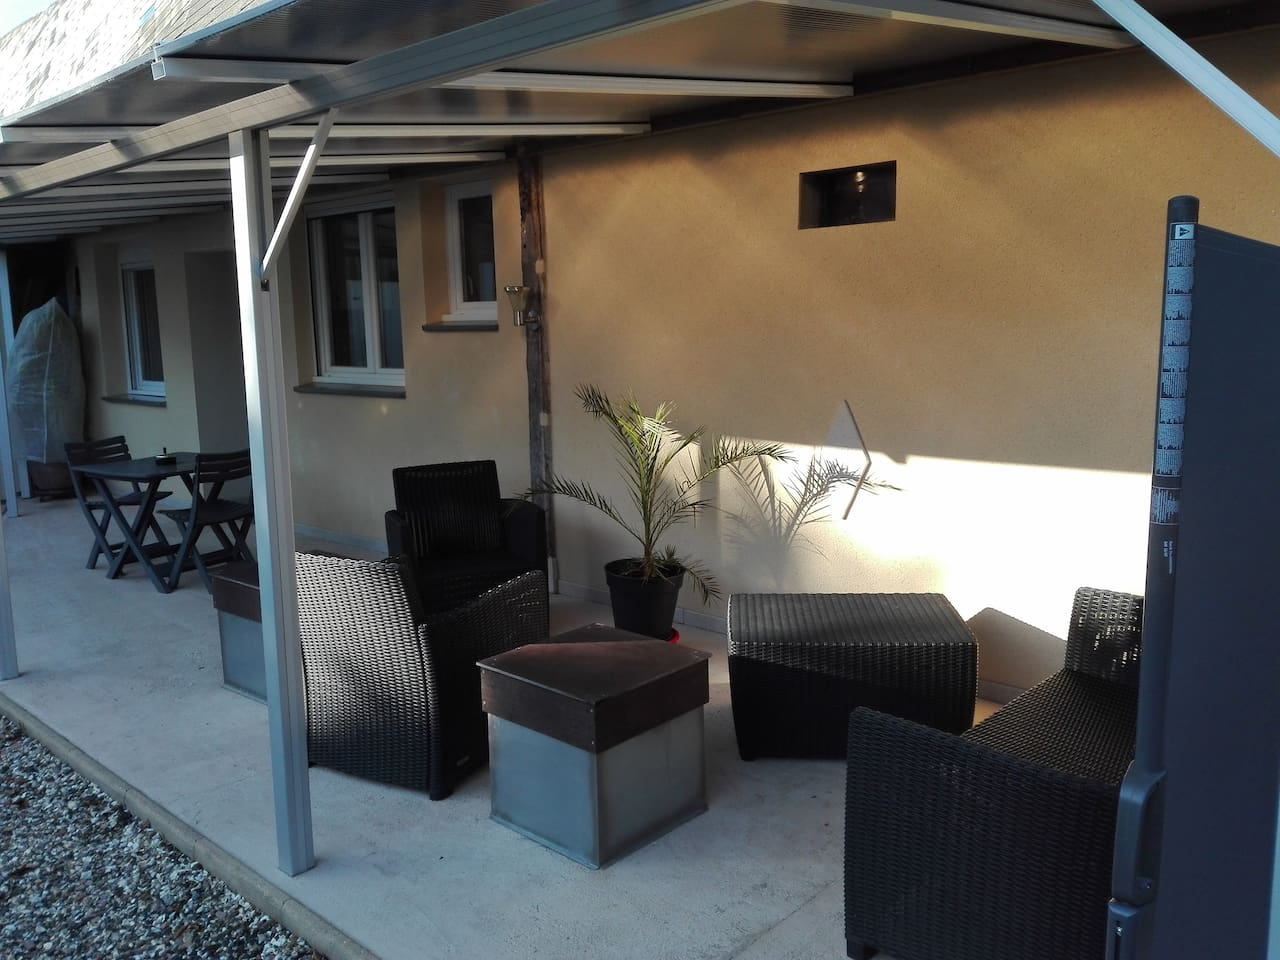 Terrasse couverte depuis le mois de novembre, offrant un bel espace en plus, plein sud en toute saison.